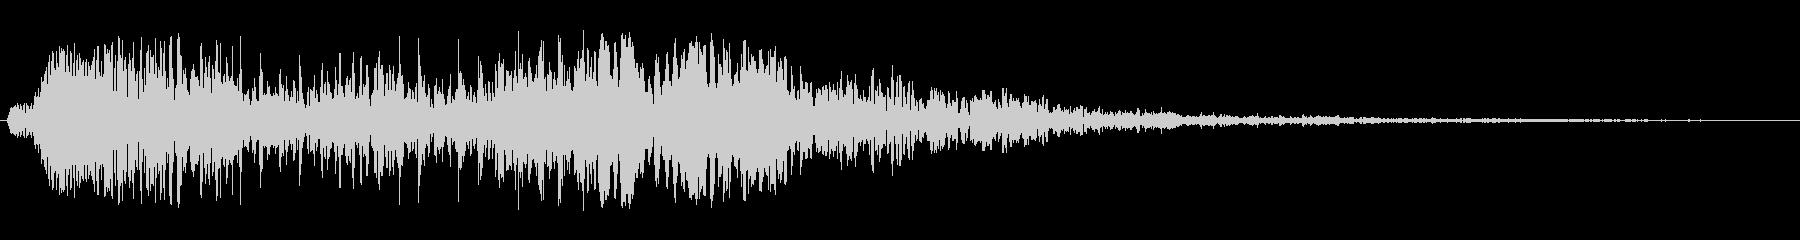 シュルルルル(少し気味が悪い音)の未再生の波形